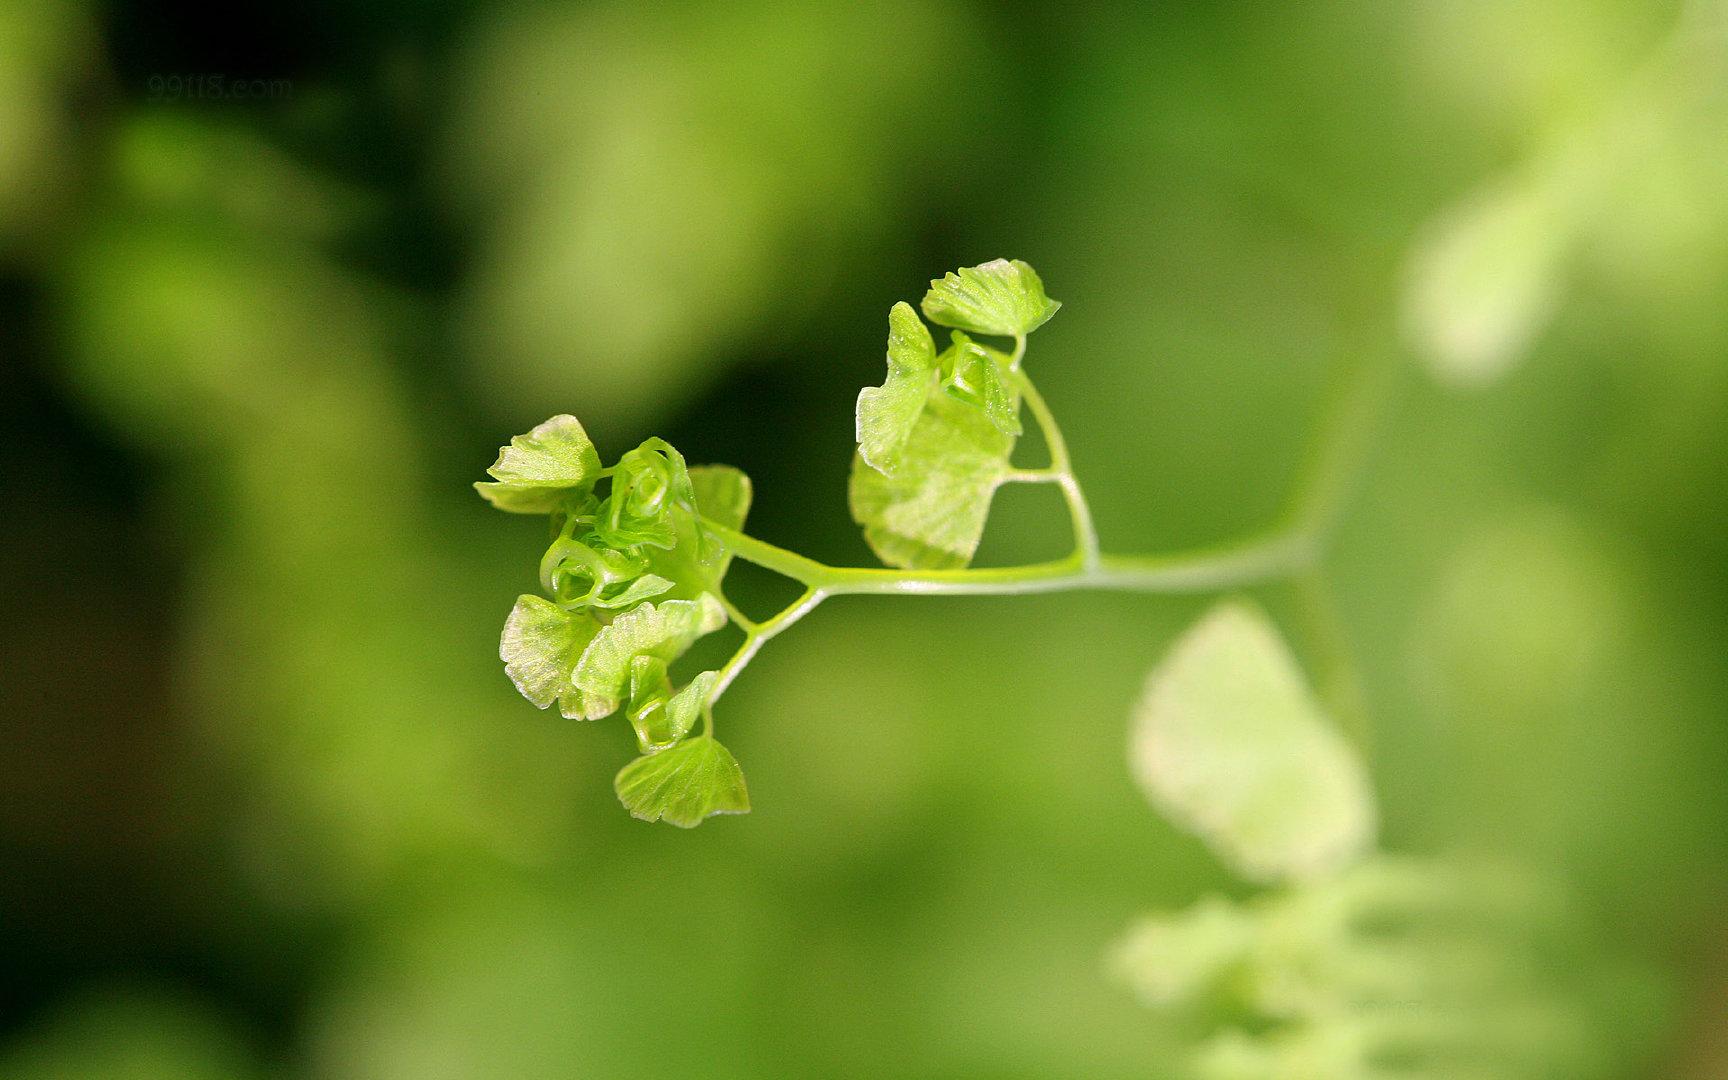 养眼护眼铁线蕨常绿草本植物4K高清图片素材